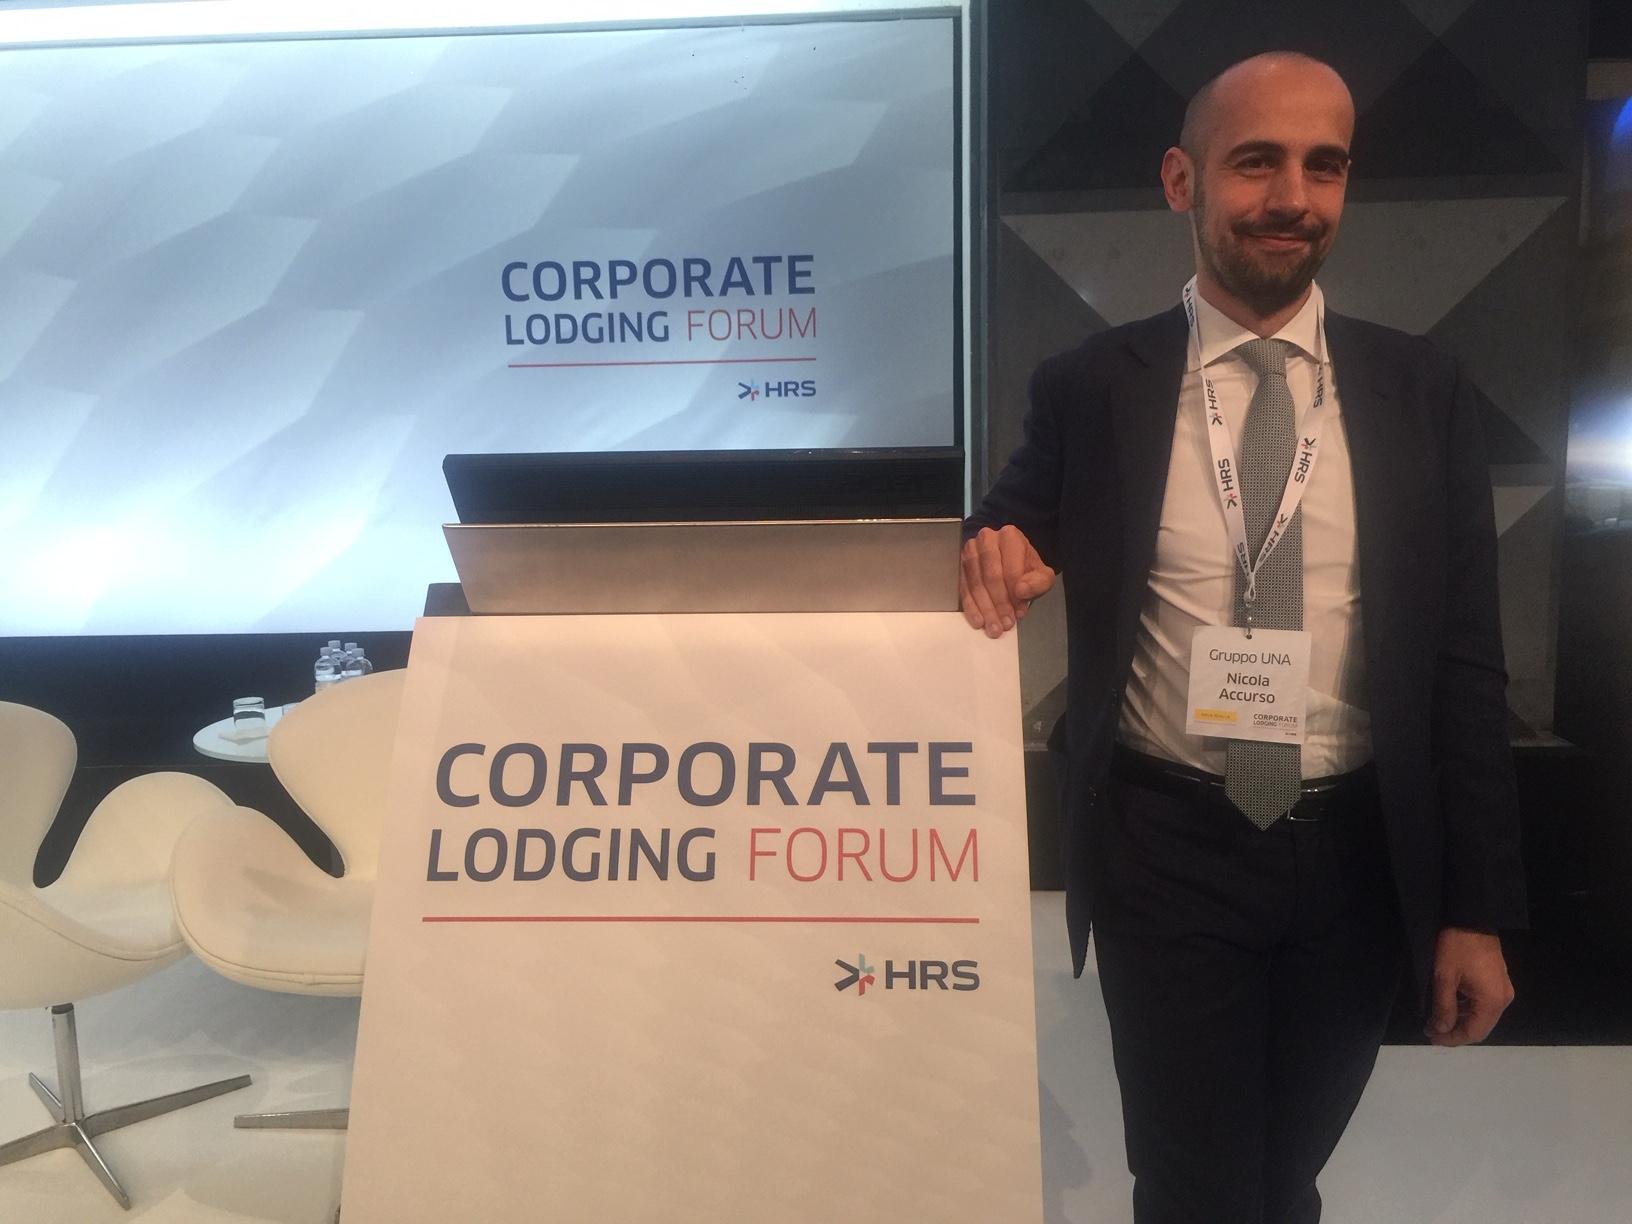 Nicola Accurso - Gruppo UNA - HRS Corporate Lodging Forum 2019 Milano